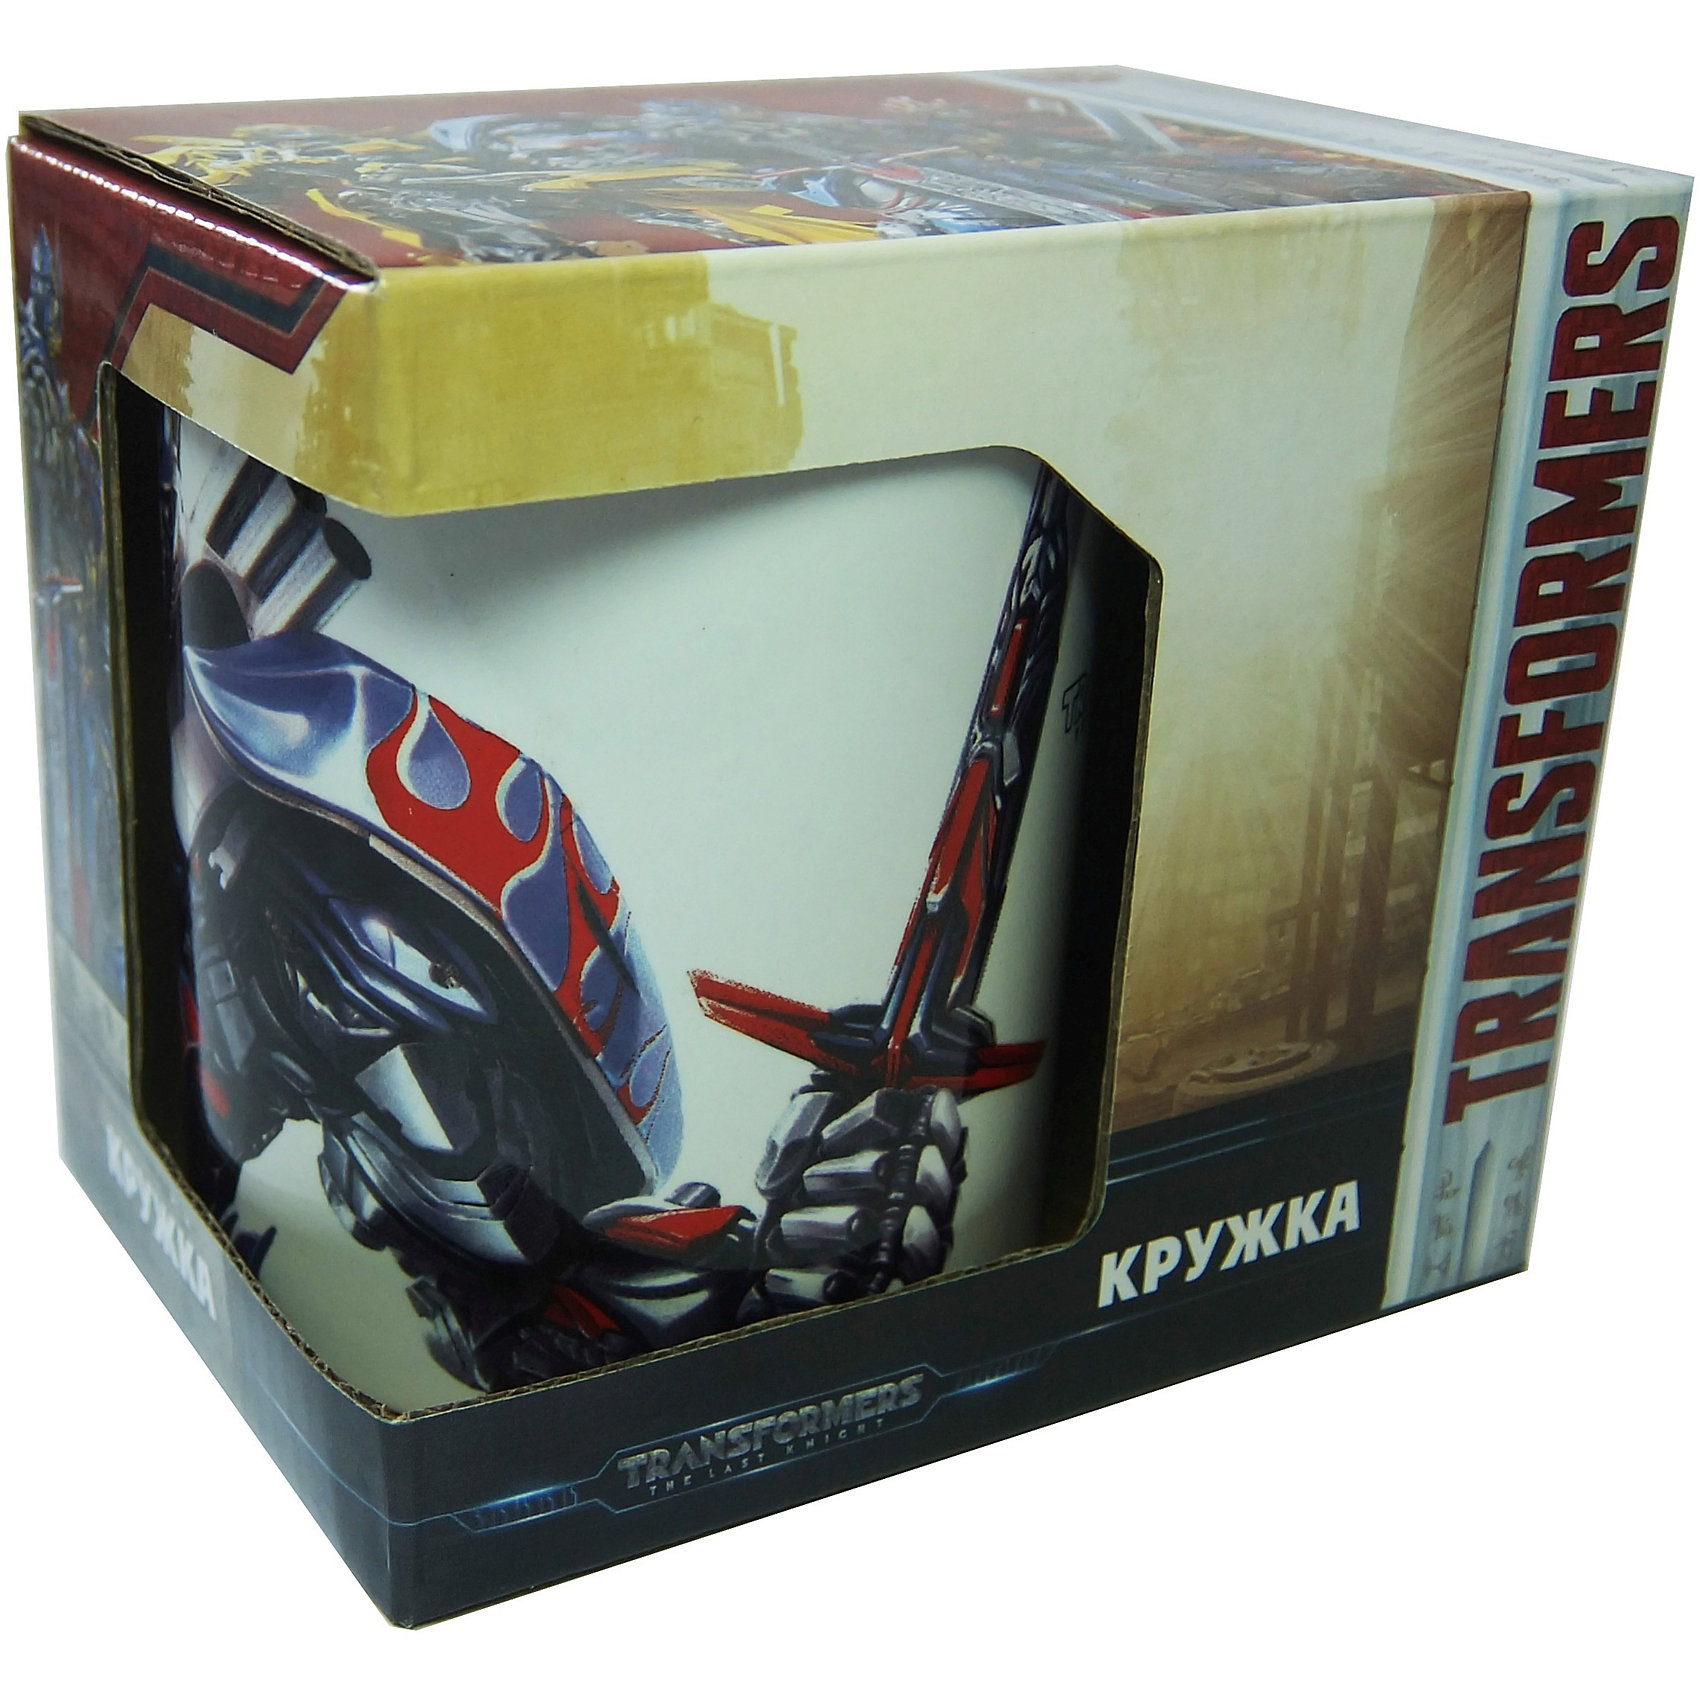 Кружка Transformers Последний рыцарь. Оптимус Прайм в подарочной упаковке, 350мл.Посуда<br>Характеристики:<br><br>• Материал: керамика<br>• Тематика рисунка: Трансформеры<br>• Можно использовать для горячих и холодных напитков<br>• Упаковка: подарочная картонная коробка<br>• Объем: 350 мл<br>• Вес: 360 г<br>• Размеры (Д*Ш*В): 12*8,2*9,5 см<br>• Особенности ухода: можно мыть в посудомоечной машине<br><br>Кружка Transformers Последний рыцарь. Оптимус Прайм в подарочной упаковке, 350 мл выполнена в стильном дизайне: на белый корпус нанесено изображение героя популярного мультсериала Трансформеры – Оптимуса Прайма. Изображение детально отражает облик экранного прототипа, устойчиво к появлению царапин, не выцветает при частом мытье. <br><br>Кружку Transformers Последний рыцарь. Оптимус Прайм в подарочной упаковке, 350 мл можно купить в нашем интернет-магазине.<br><br>Ширина мм: 120<br>Глубина мм: 82<br>Высота мм: 95<br>Вес г: 360<br>Возраст от месяцев: 36<br>Возраст до месяцев: 1188<br>Пол: Мужской<br>Возраст: Детский<br>SKU: 6849966